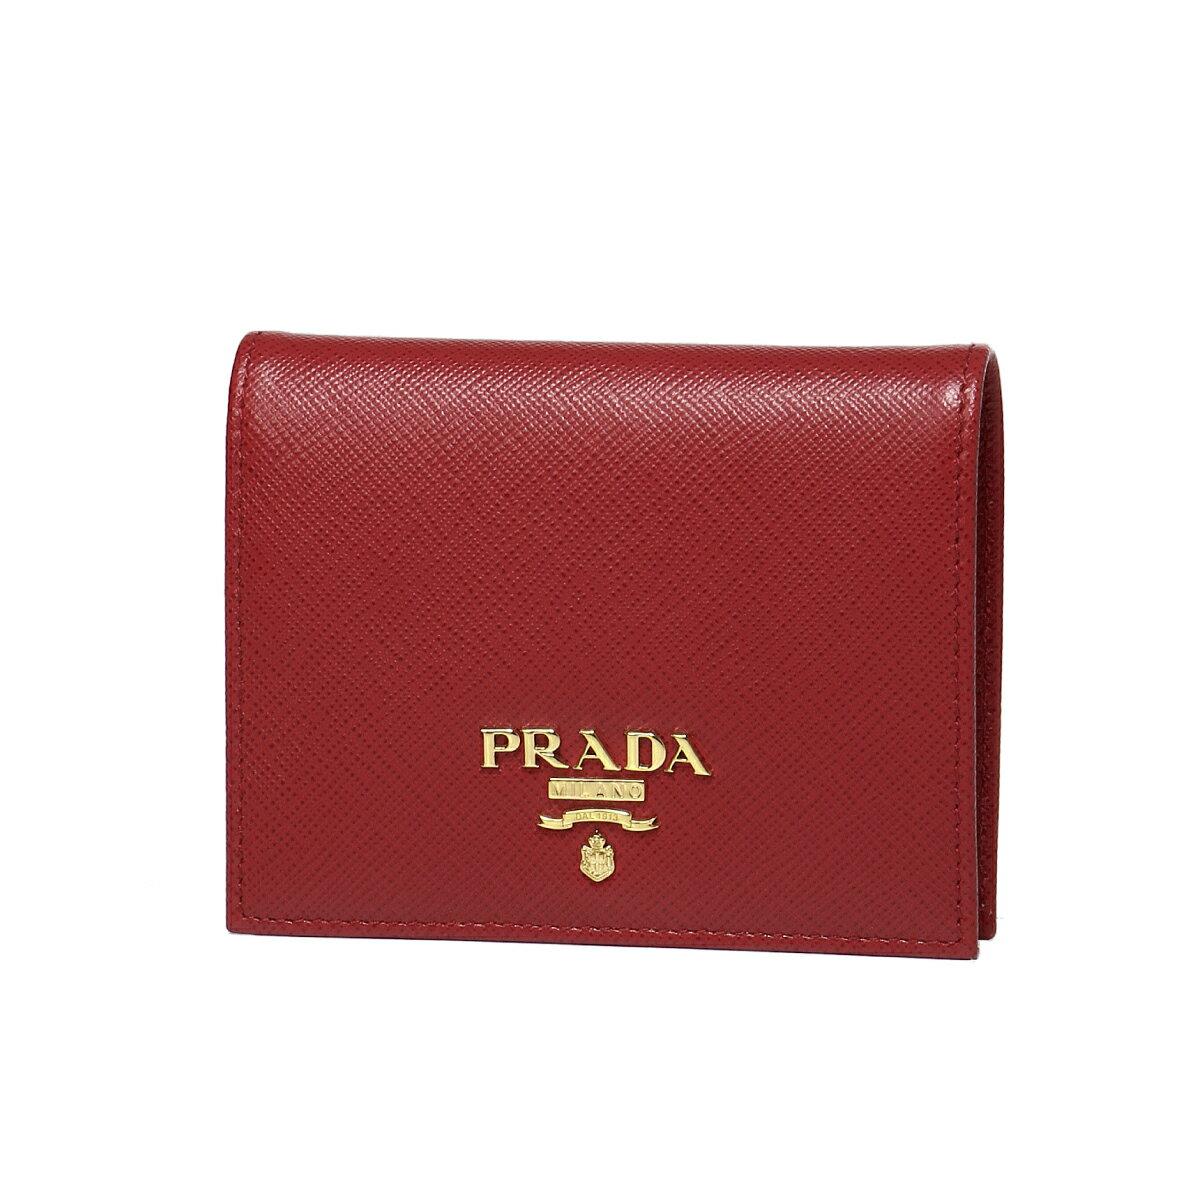 プラダ PRADA 財布 レディース 1MV204 QWA F068Z 二つ折り財布 SAFFIANO METAL FUOCO レッド